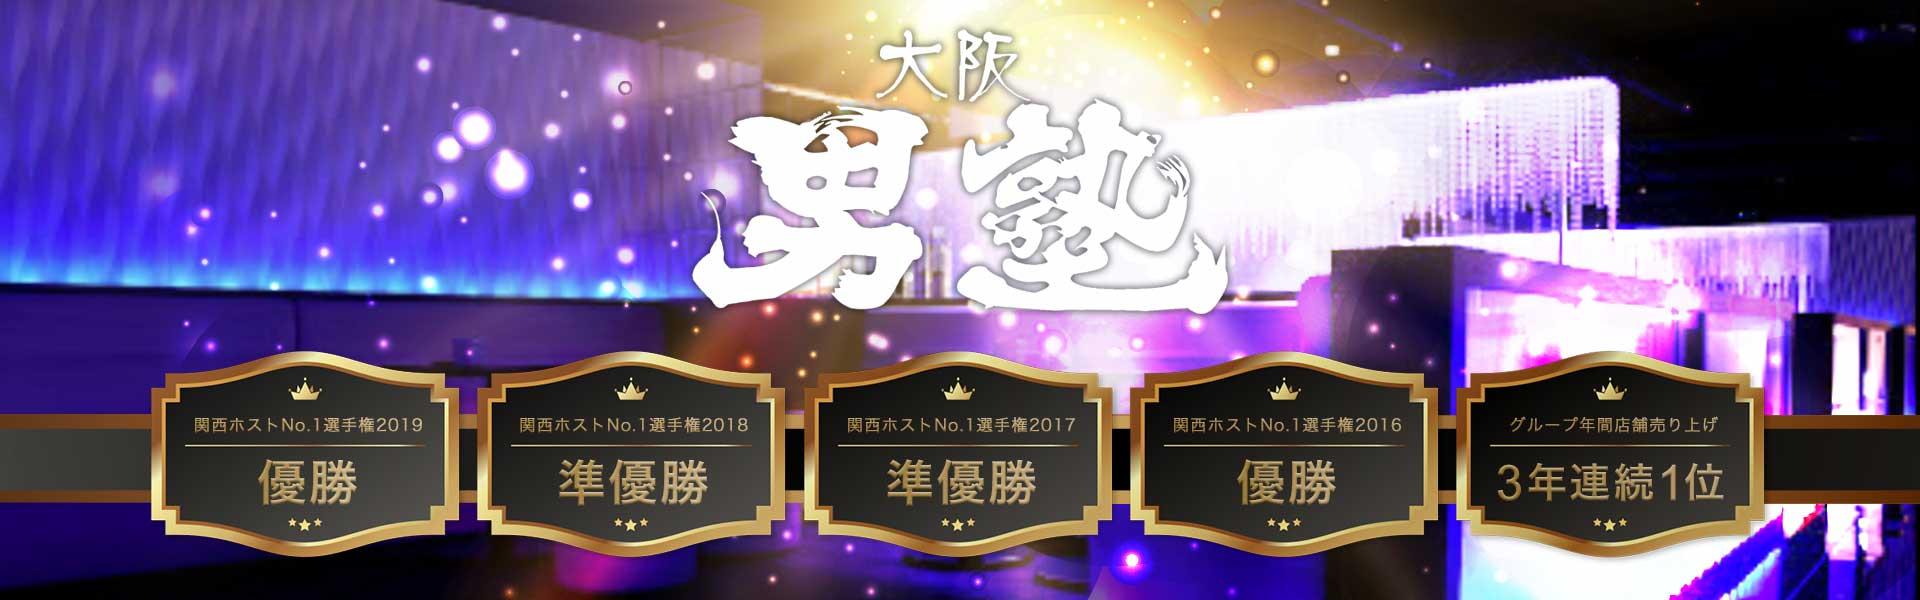 大阪ミナミのホストクラブ【大阪男塾】の実績に関するバナー(スマホ版)